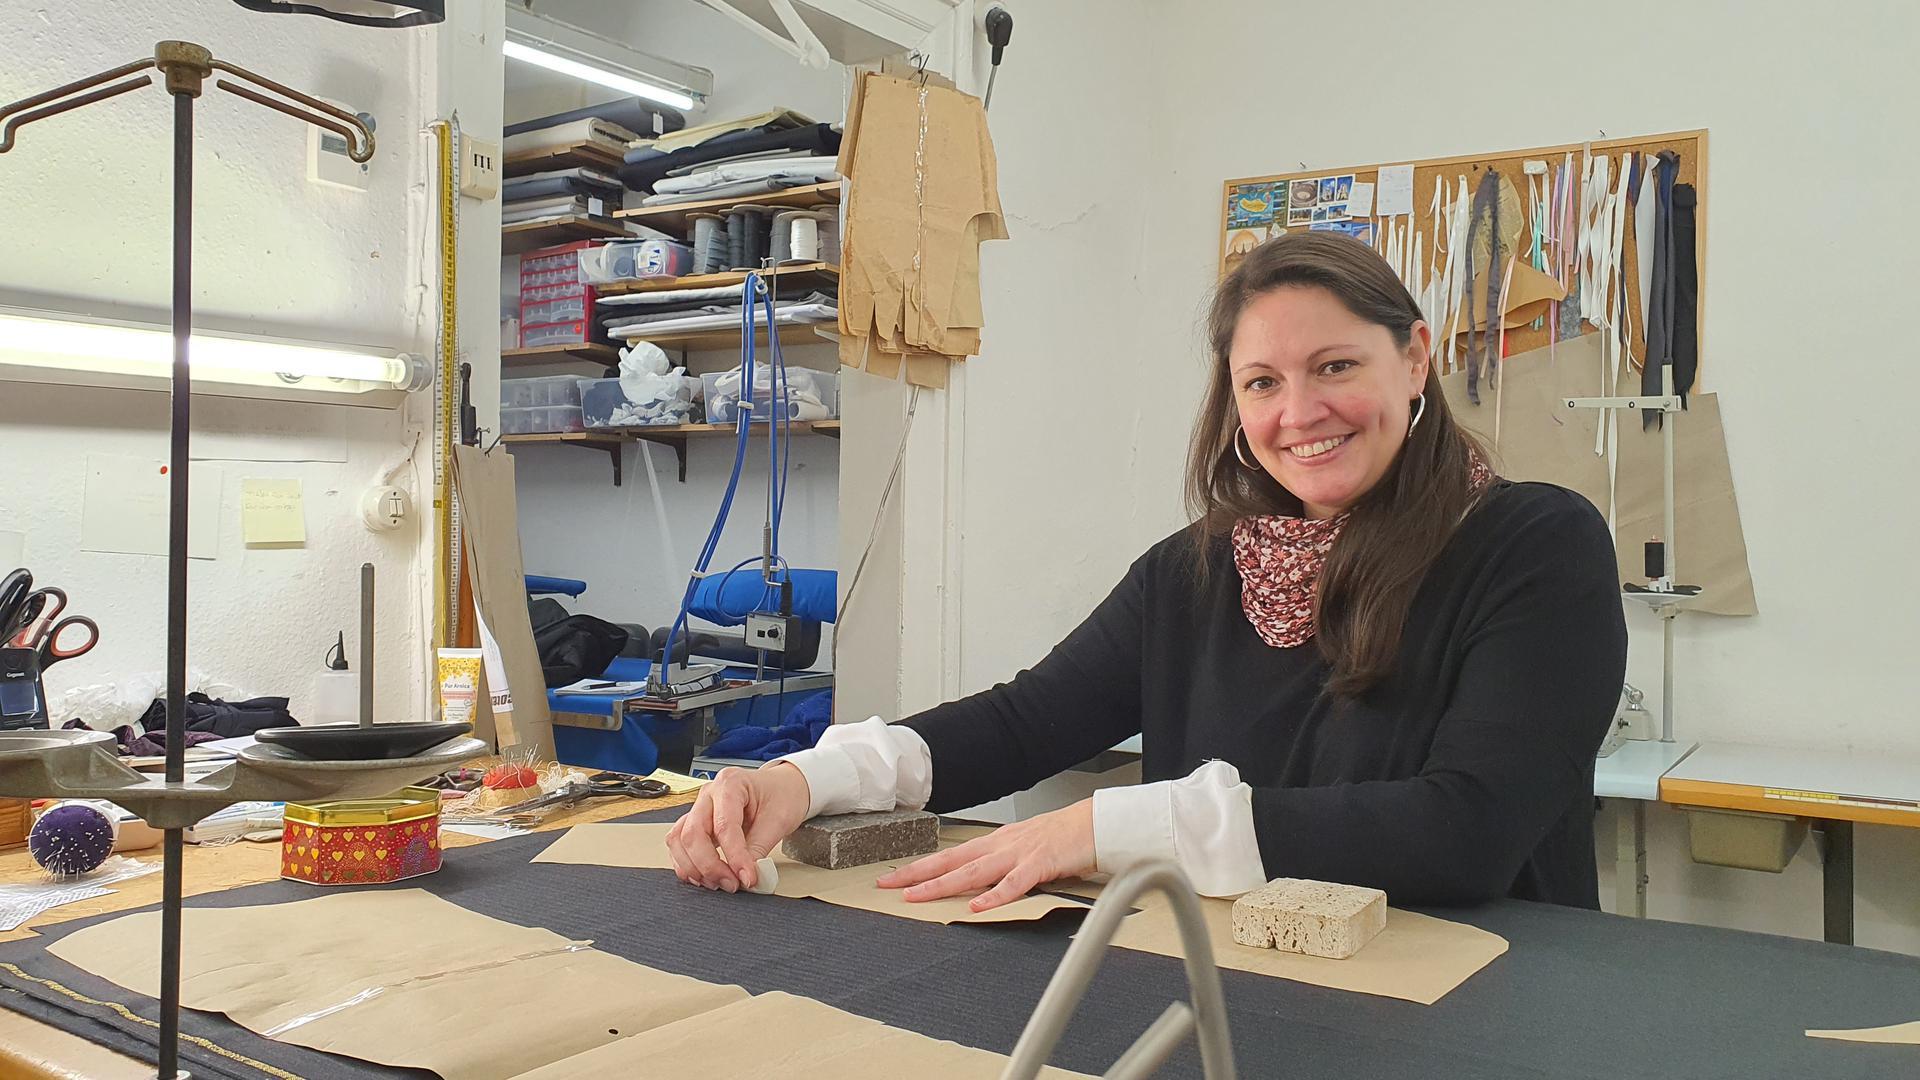 Myriam Gerber Inhaberin der Maßschneiderei Schmauder in Baden-Baden sitzt in ihrer Werkstatt.